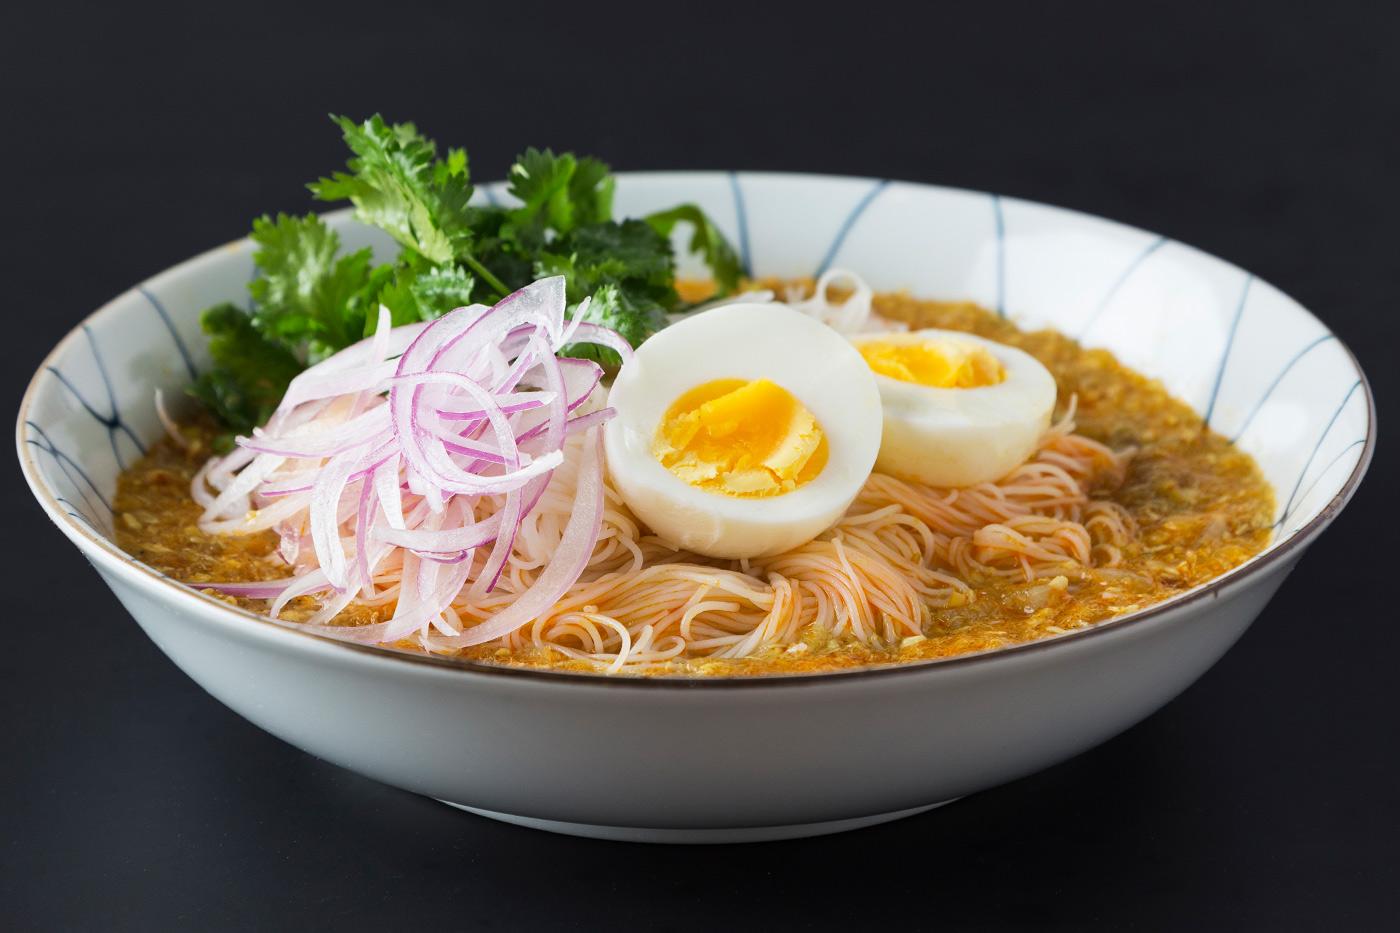 7 อาหาร ที่ไม่ควรพลาด ถ้าได้ไปเที่ยวที่พม่า